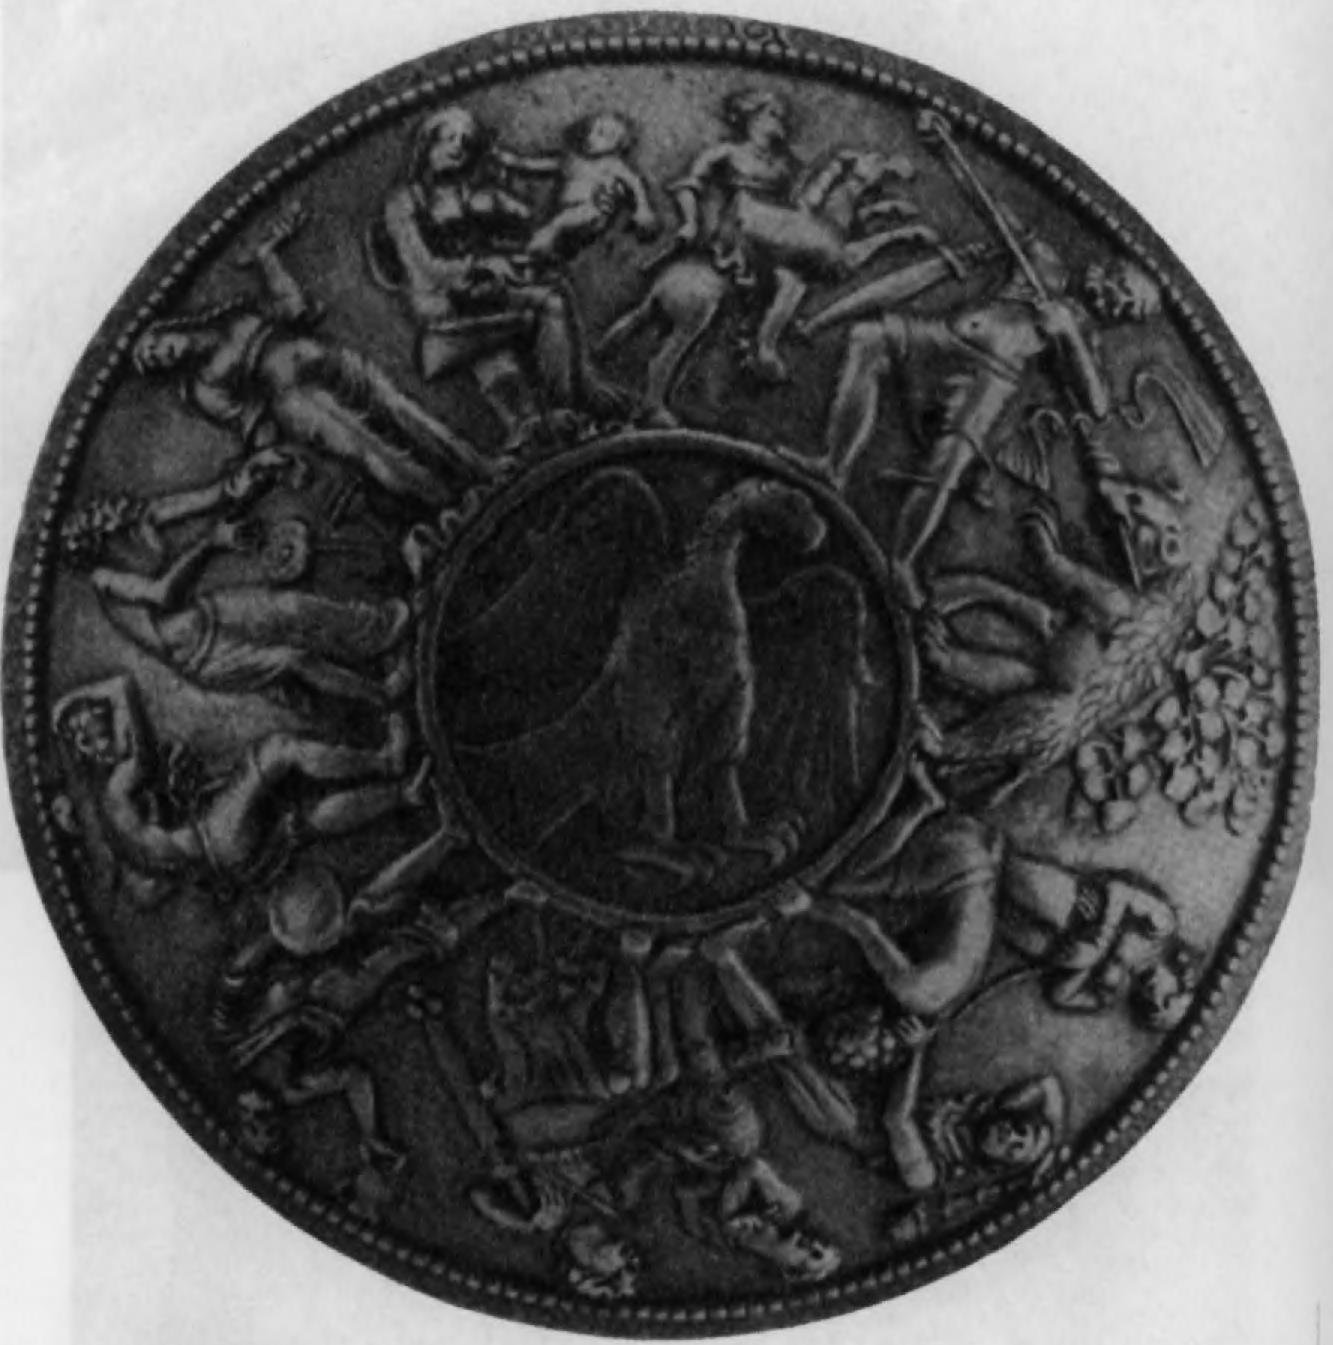 112.Бактрийское (?) блюдо из серебряного сплава (вес 867 г) с изображением геральдического орла.